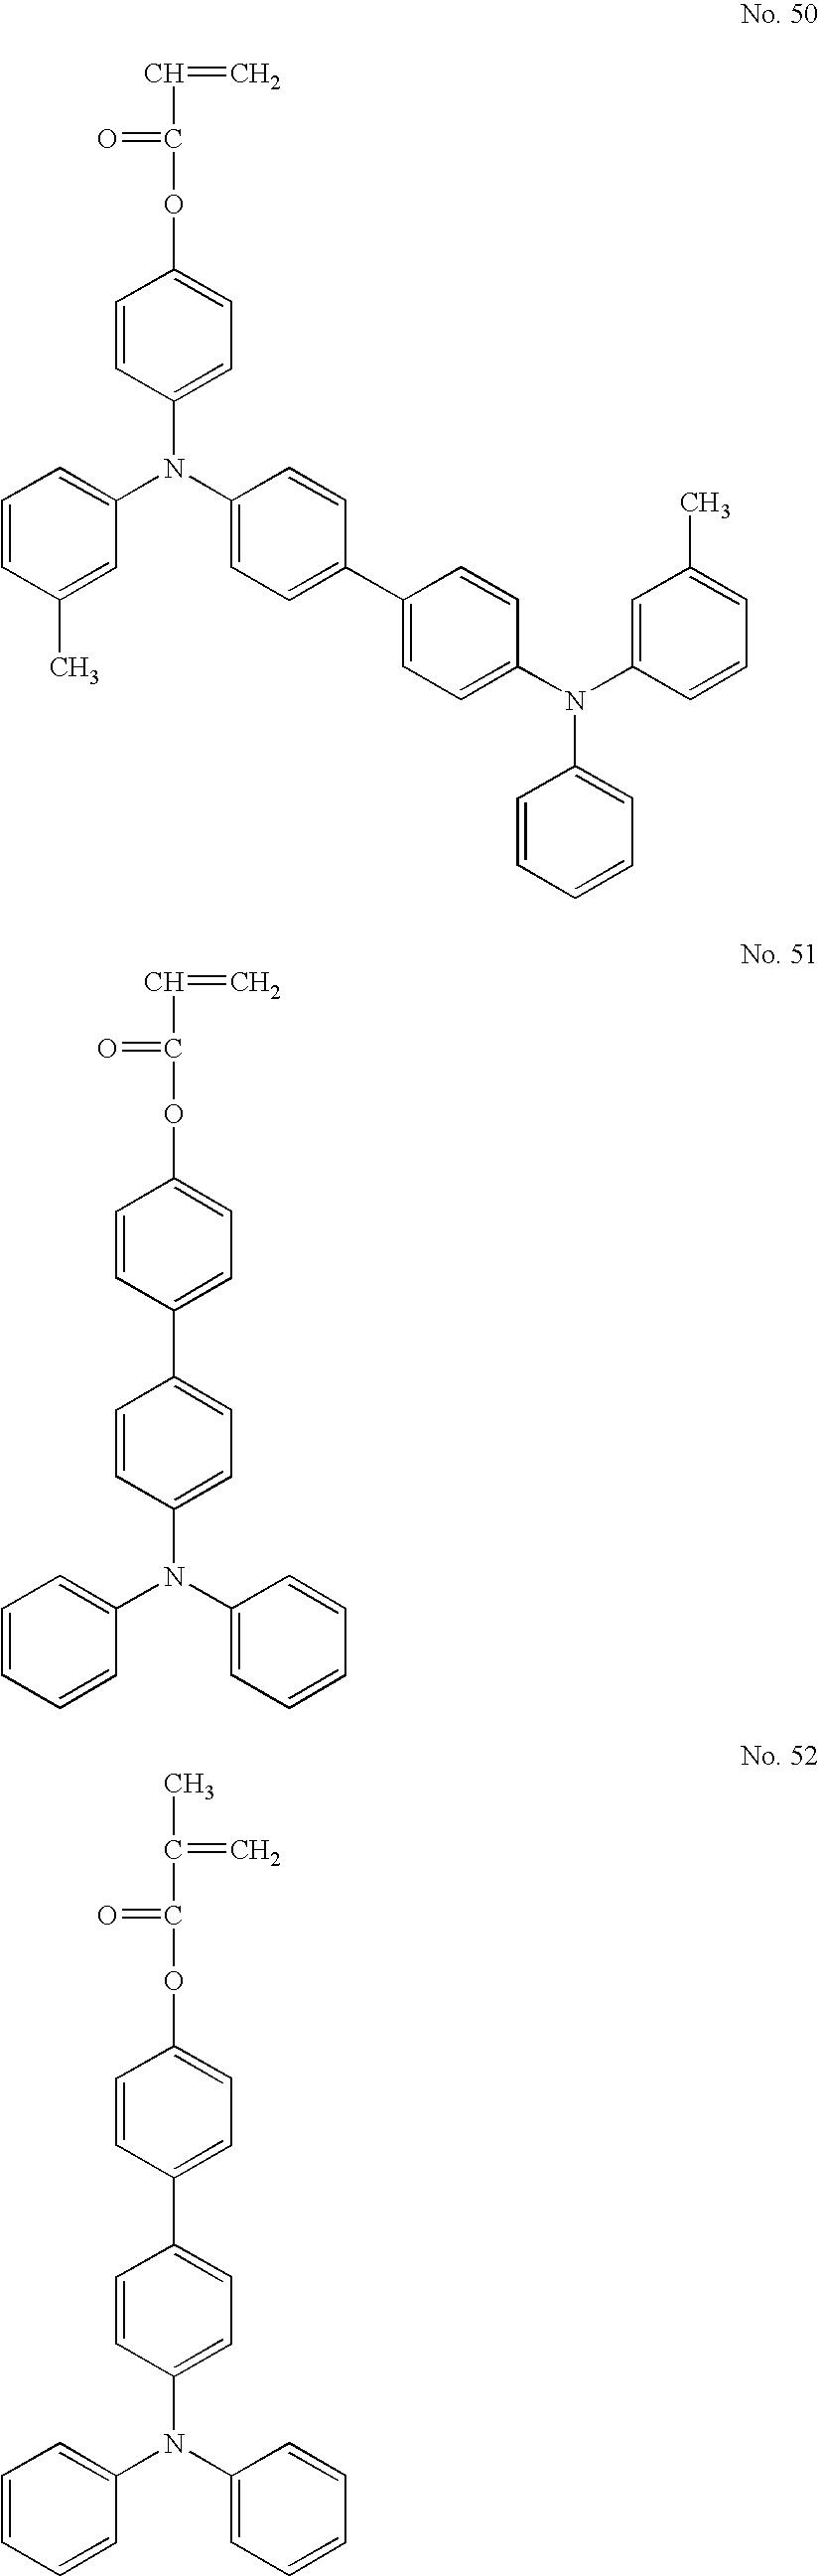 Figure US07824830-20101102-C00032